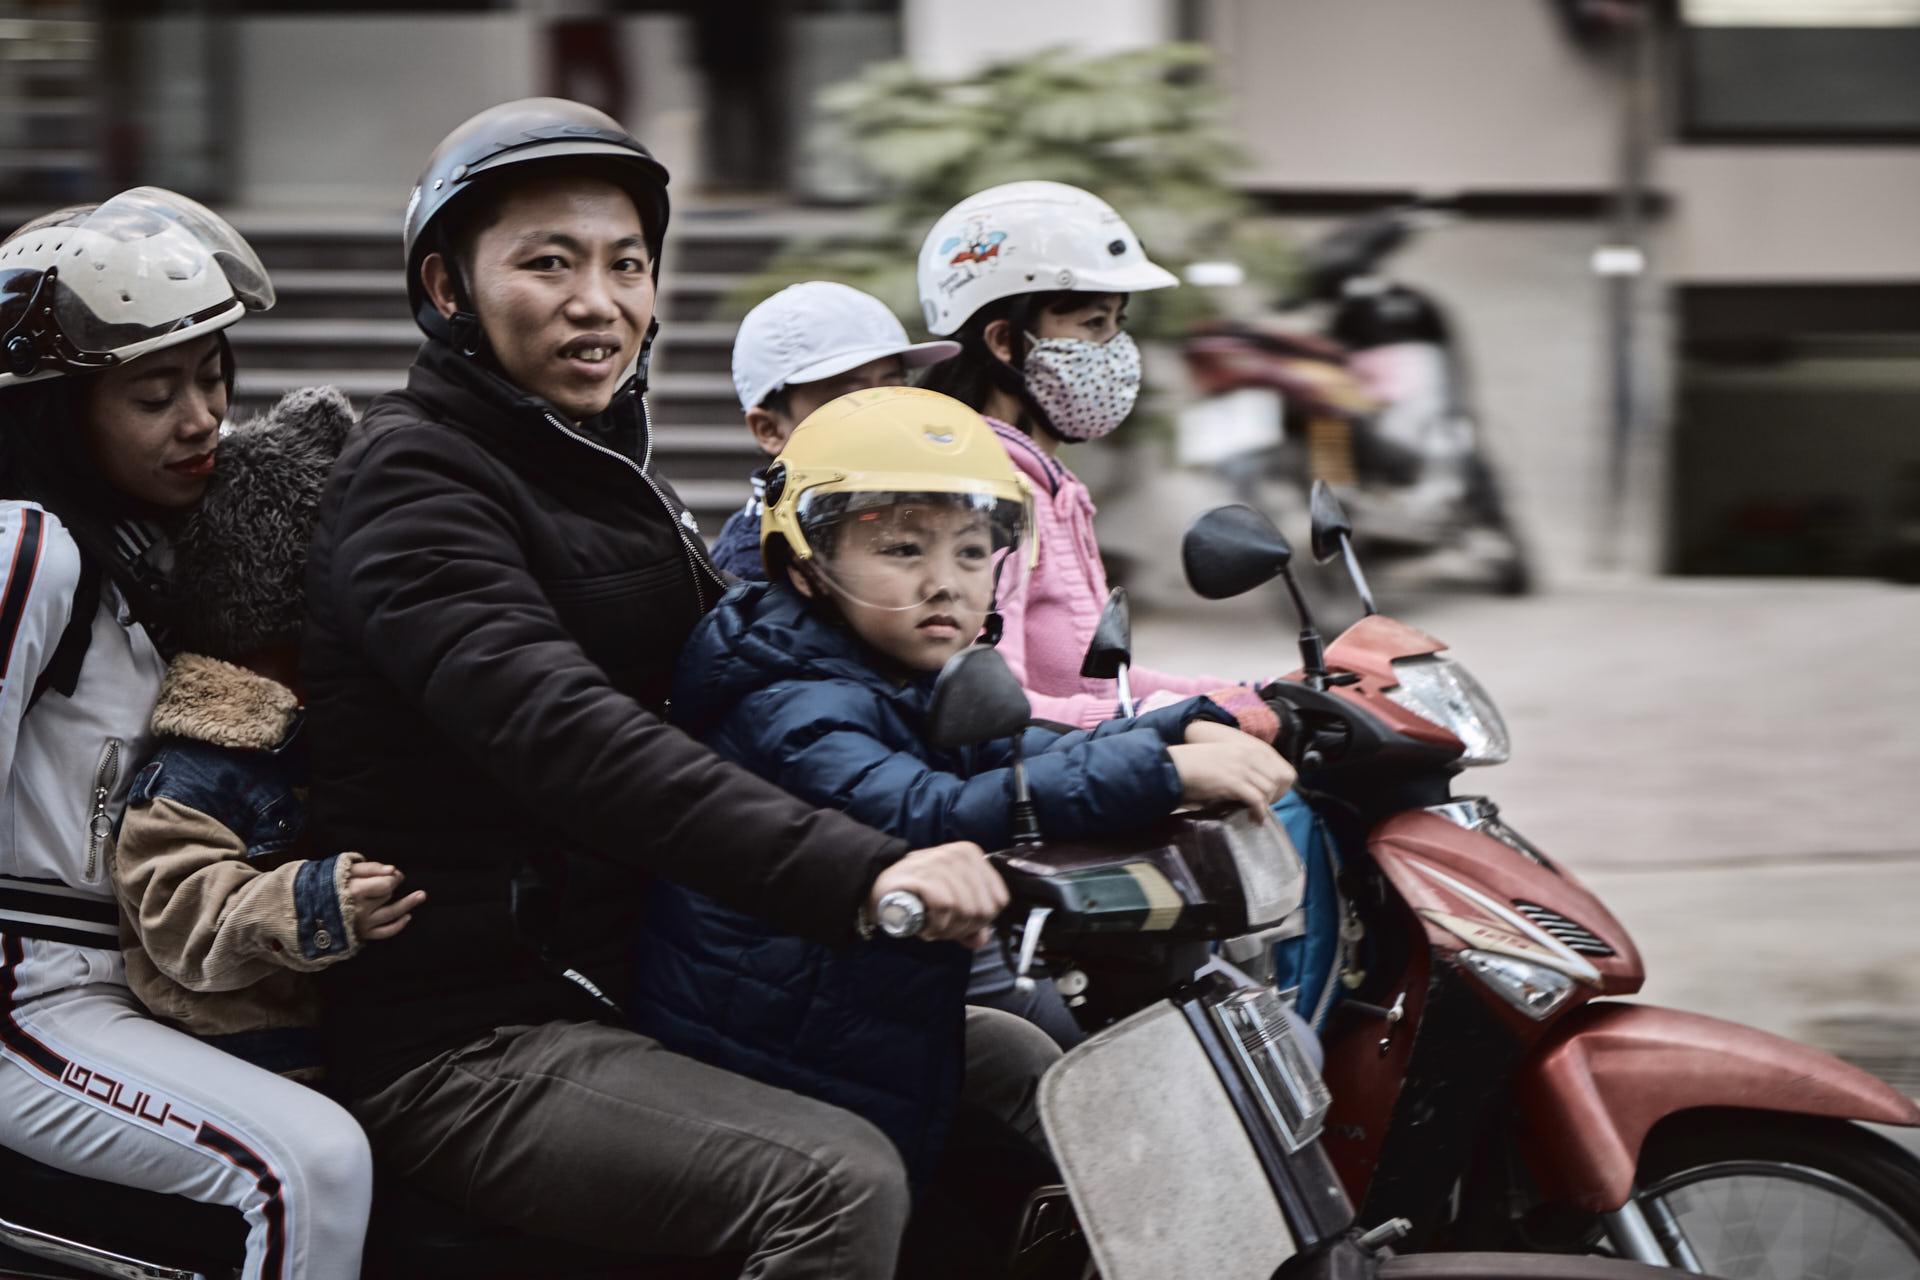 Quatre personnes sur un scooter